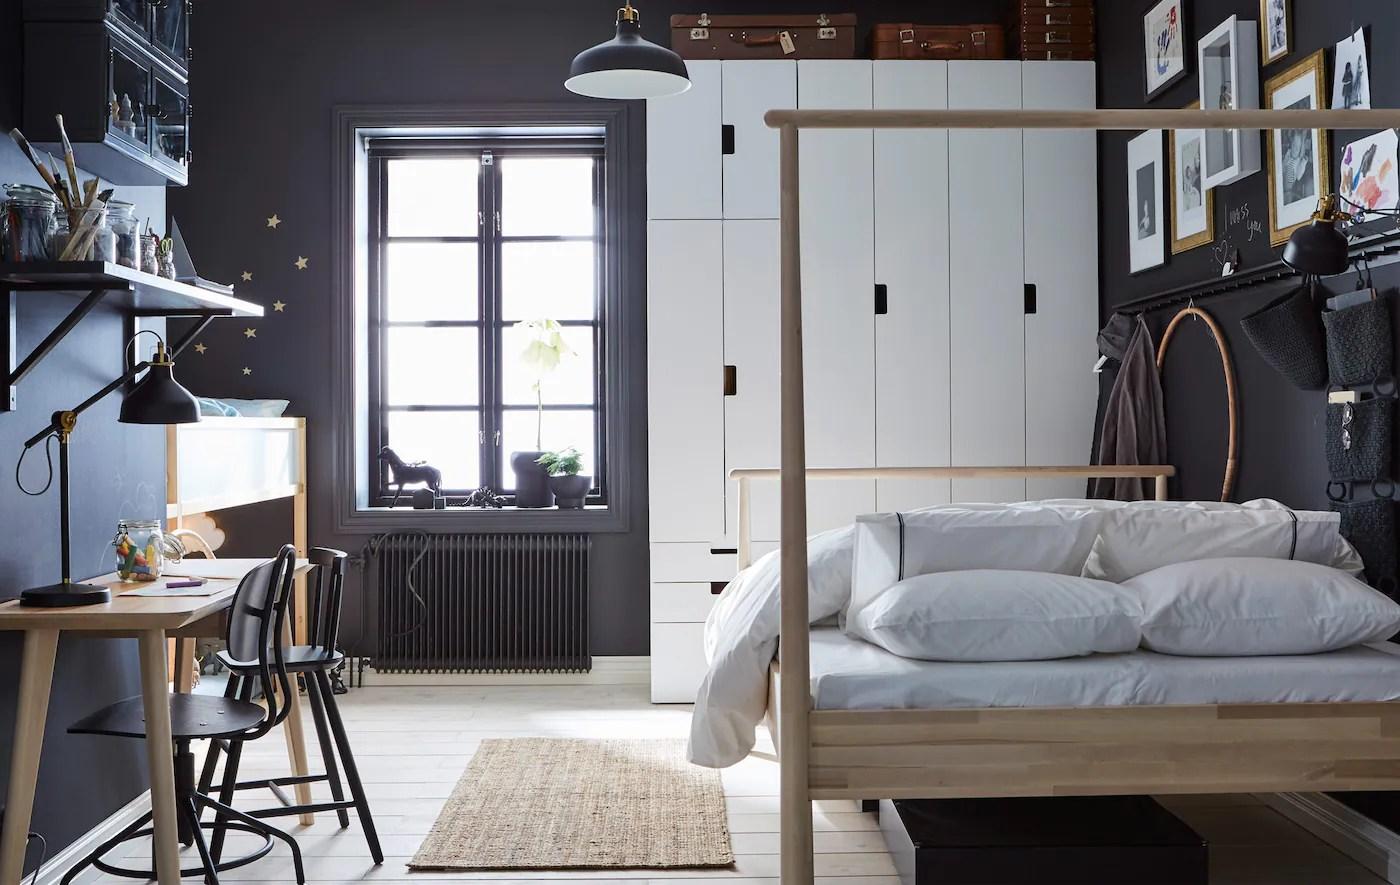 ikea camera da letto economica e funzionale. Un Unica Camera Da Letto Per Genitori E Bambini Ikea Svizzera